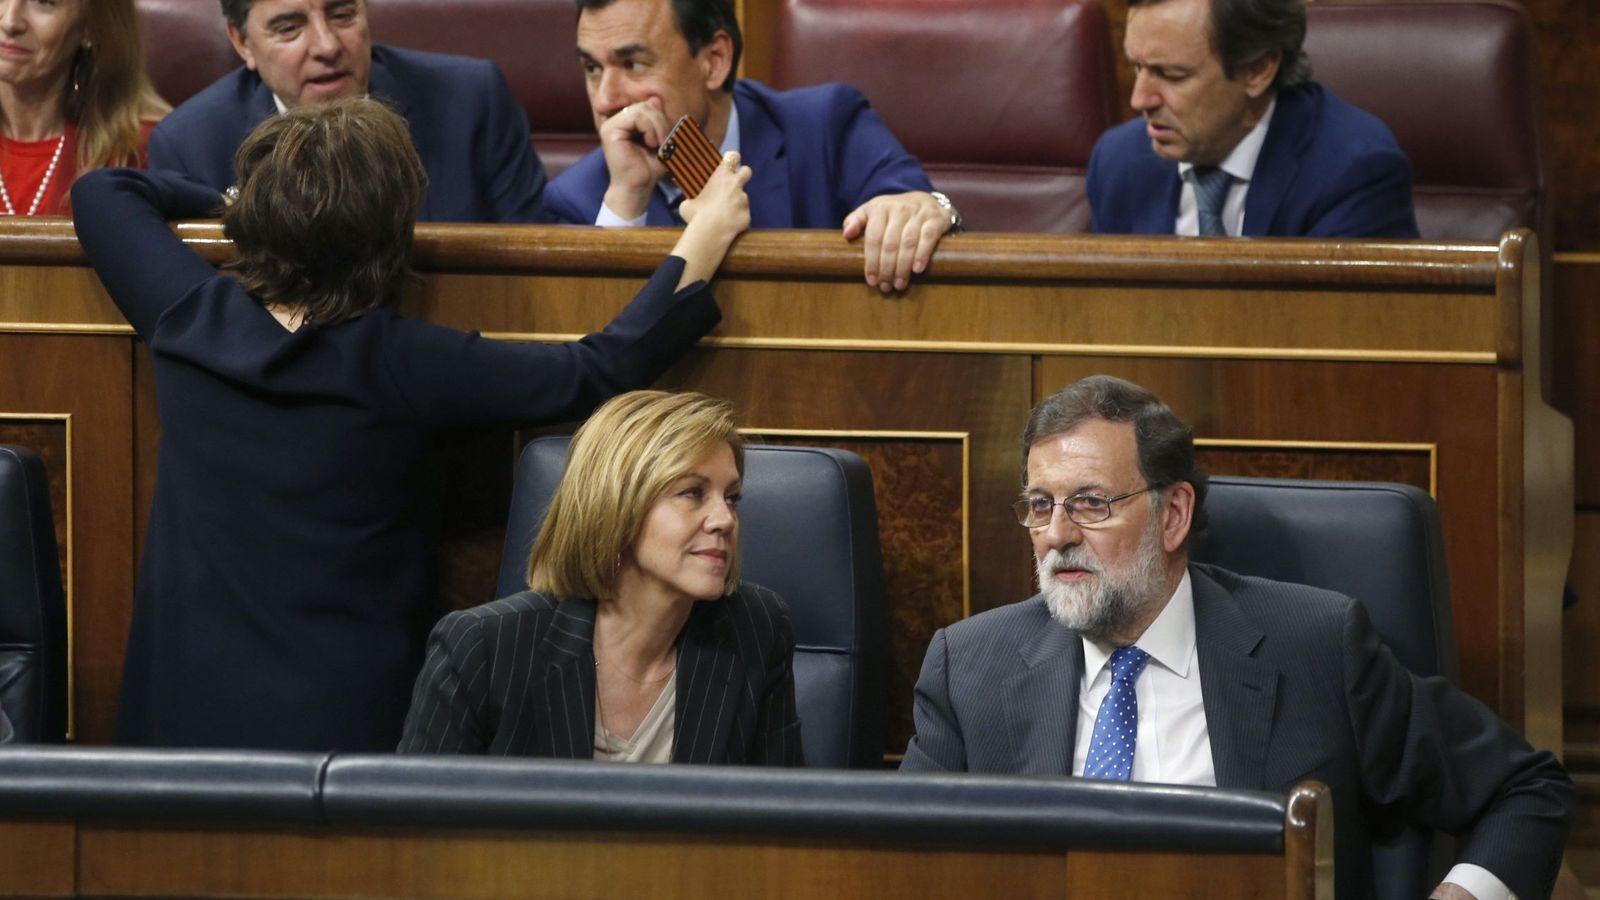 Foto: Mariano Rajoy con Dolores de Cospedal, junto a Soraya Sáenz de Santamaría, Rafael Hernando, Fernando Martínez-Maillo y José Antonio Bermúdez de Castro, en el Congreso. (EFE)